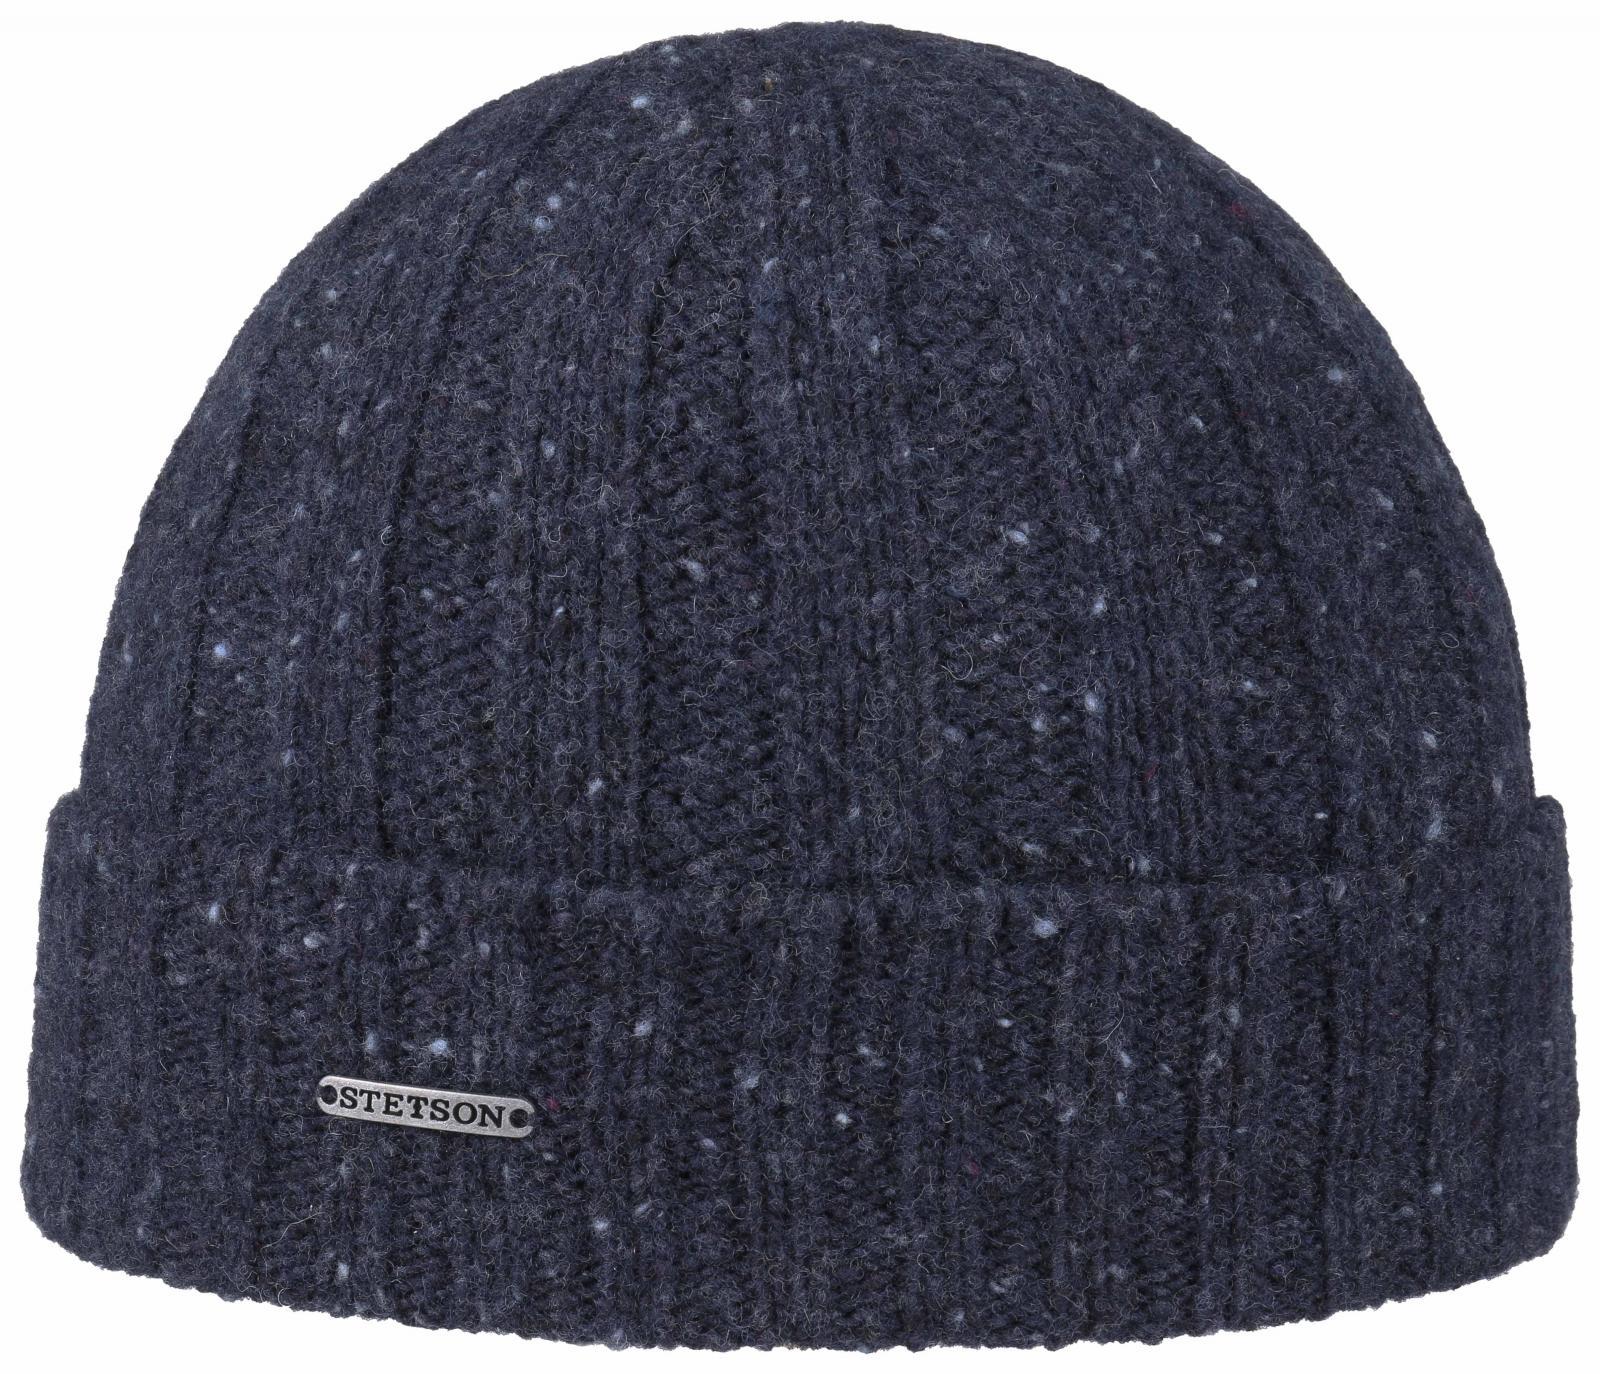 Stetson Beanie Yün Lacivert Şapka